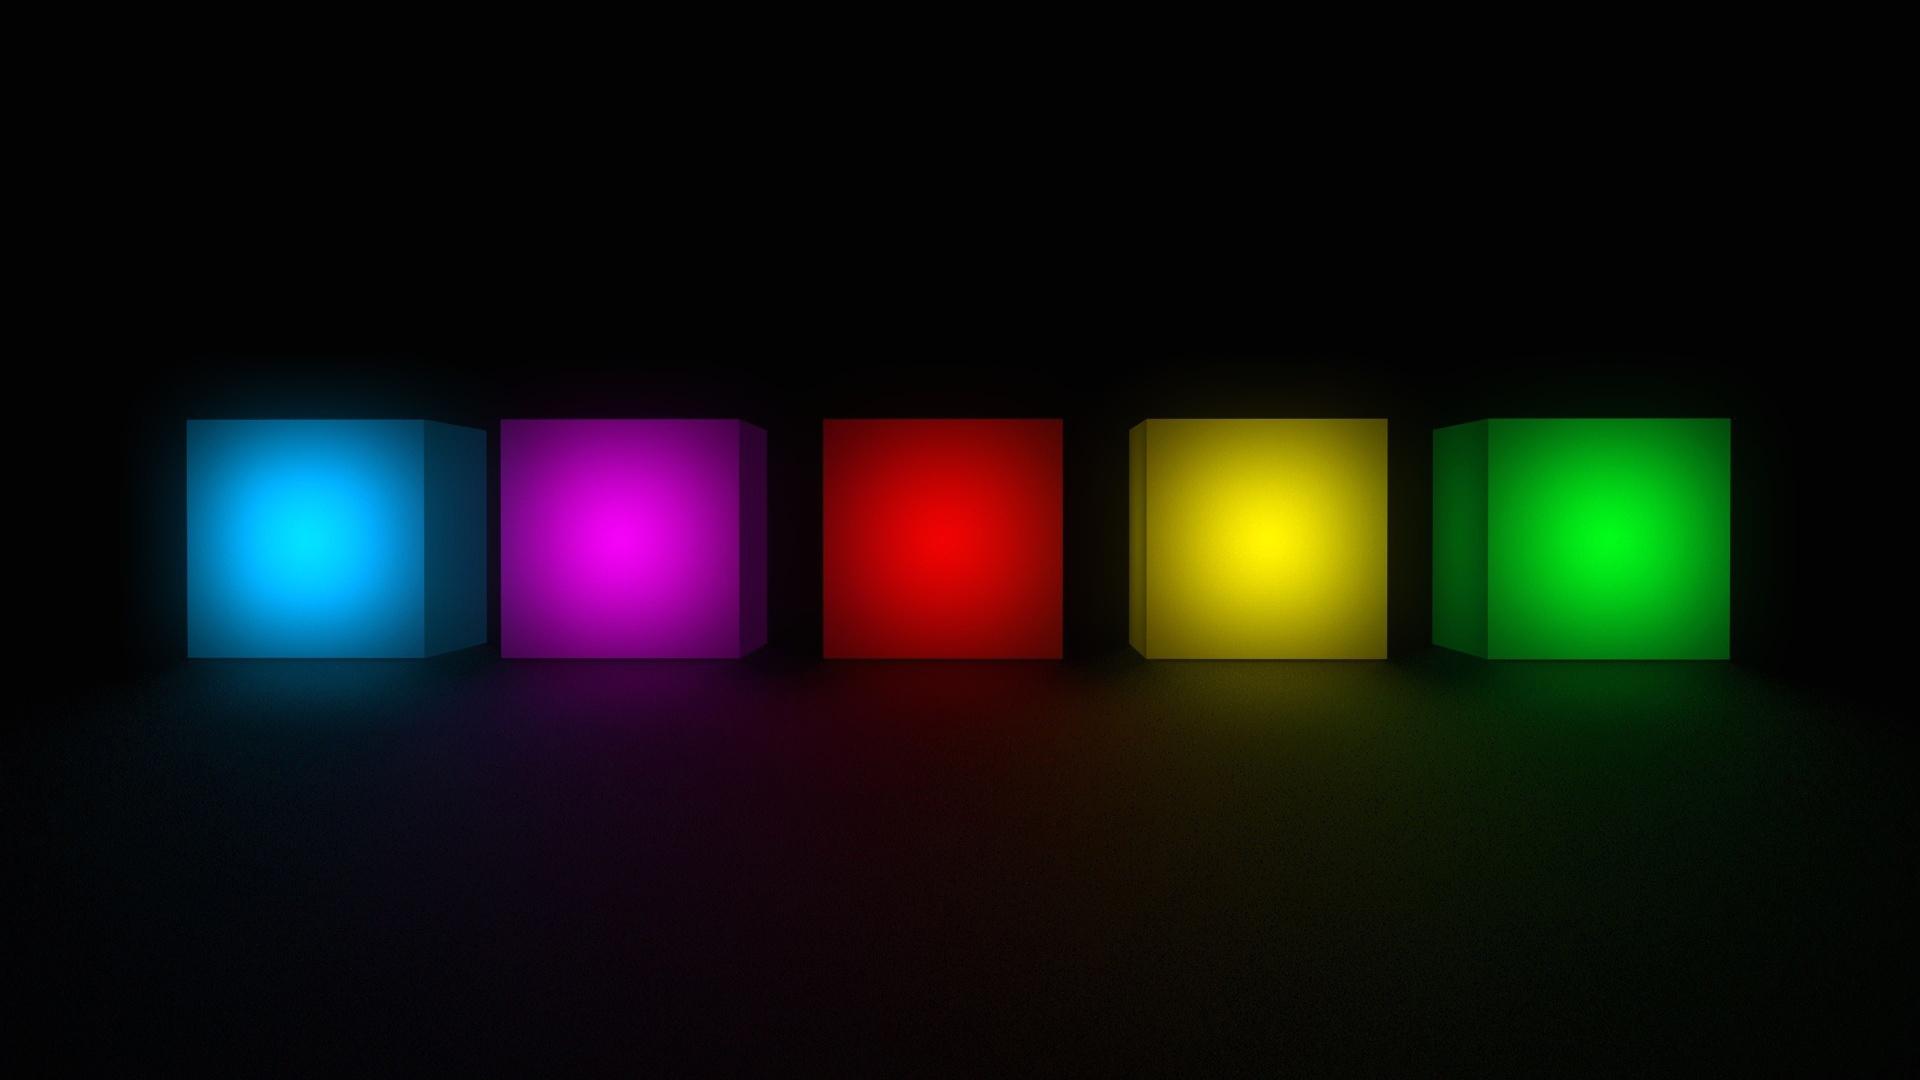 Светящиеся кубики загрузить